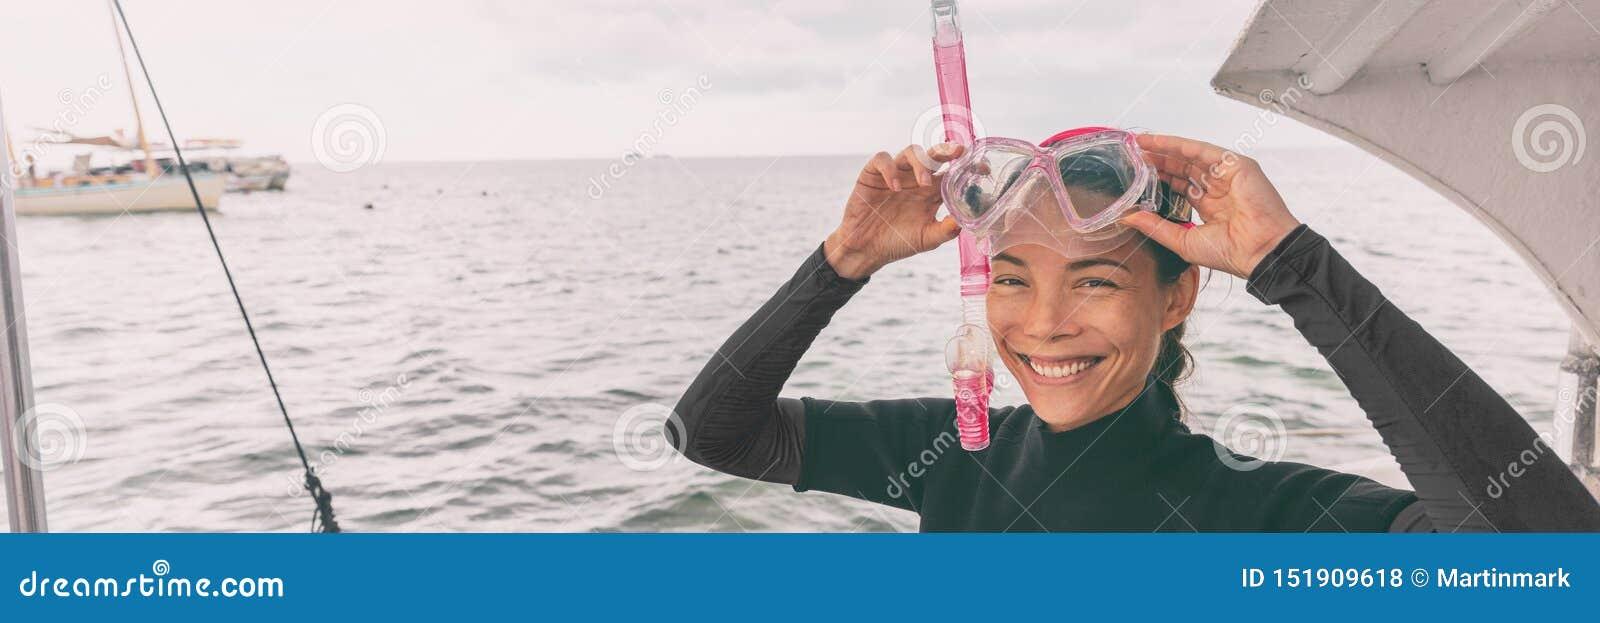 Κολυμπήστε με αναπνευτήρα ασιατικός τουρίστας γυναικών μασκών που παίρνει την έτοιμη για κολύμβηση με αναπνευστήρα το γύρο δραστη